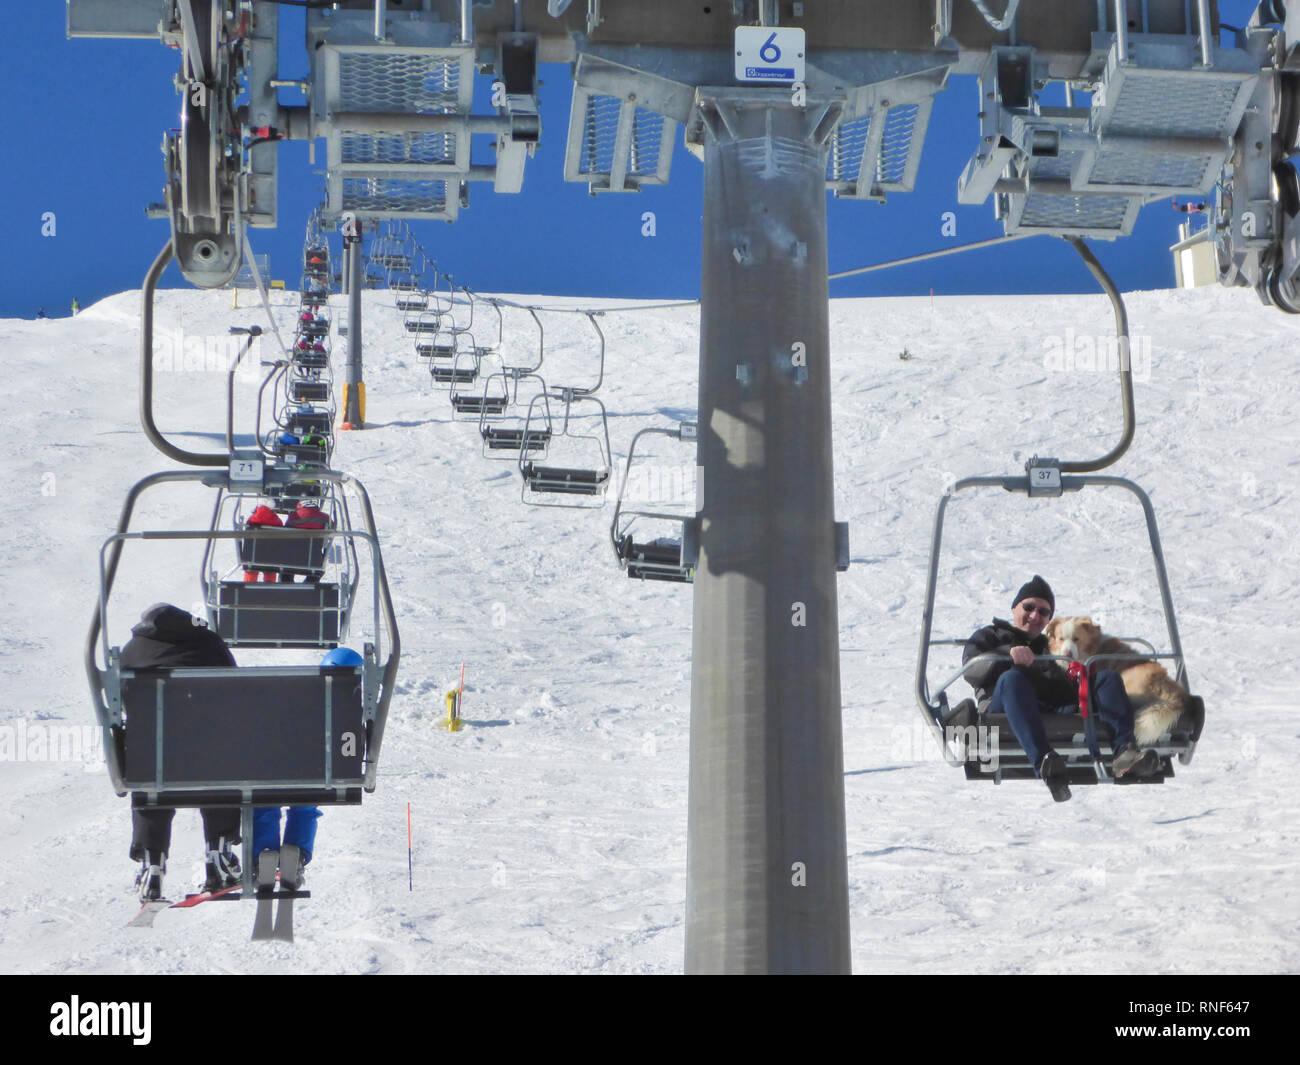 Mitterbach am Erlaufsee: mountain Gemeindealpe, ski lift, skier, downhill skiing, man with dog in Mostviertel, Niederösterreich, Lower Austria, Austri - Stock Image